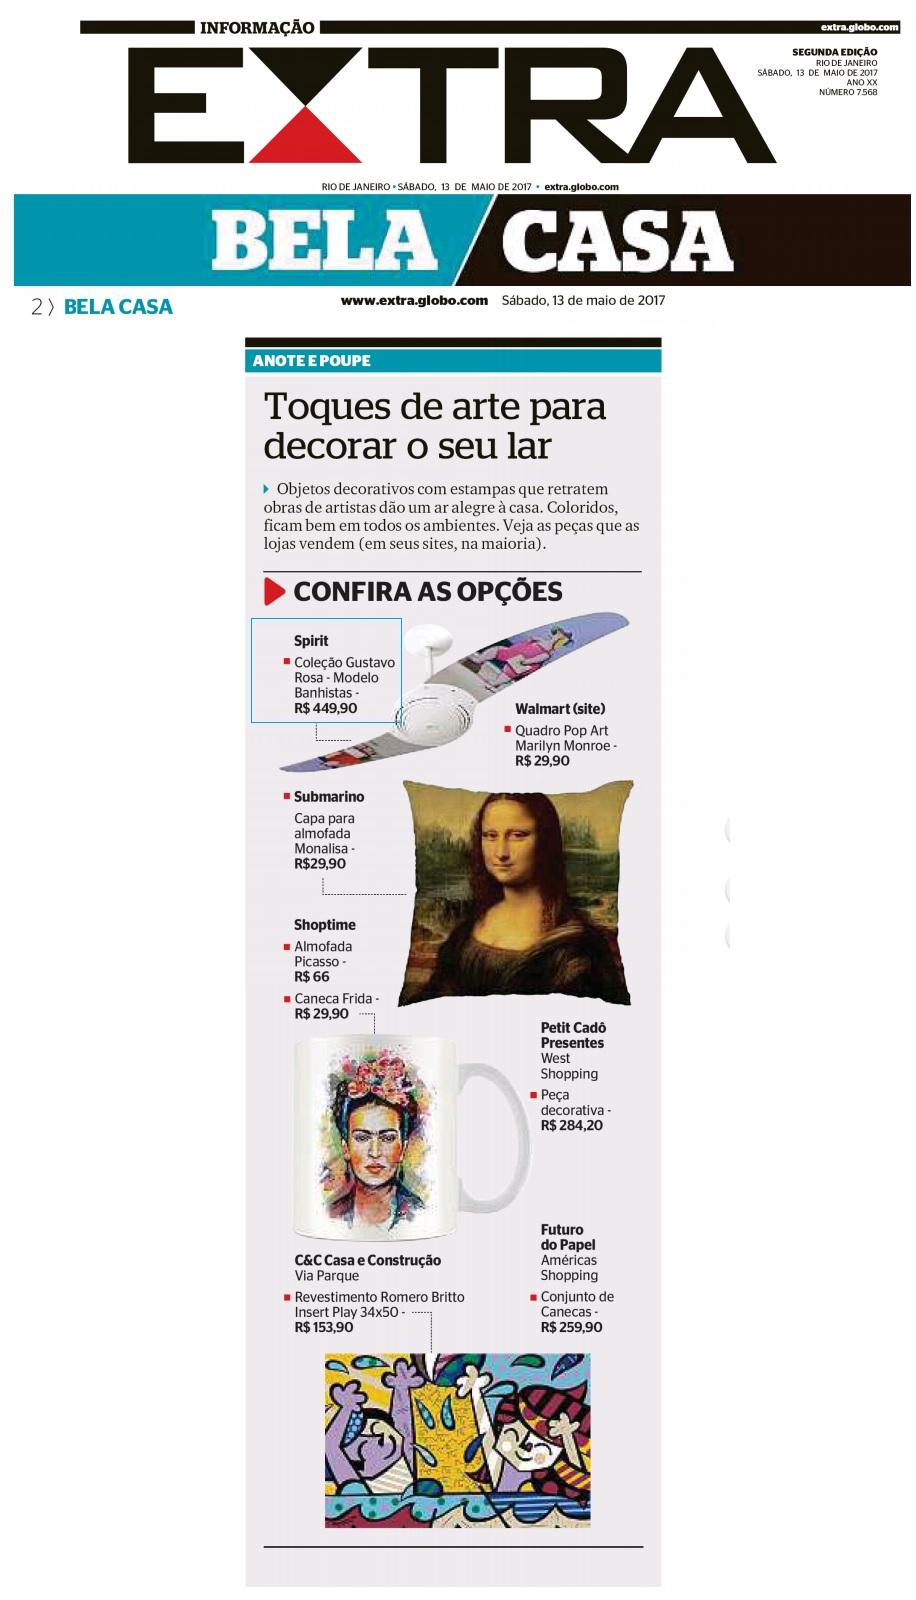 SPIRIT na mídia sobre produtos com estampa de obras de artistas famosos